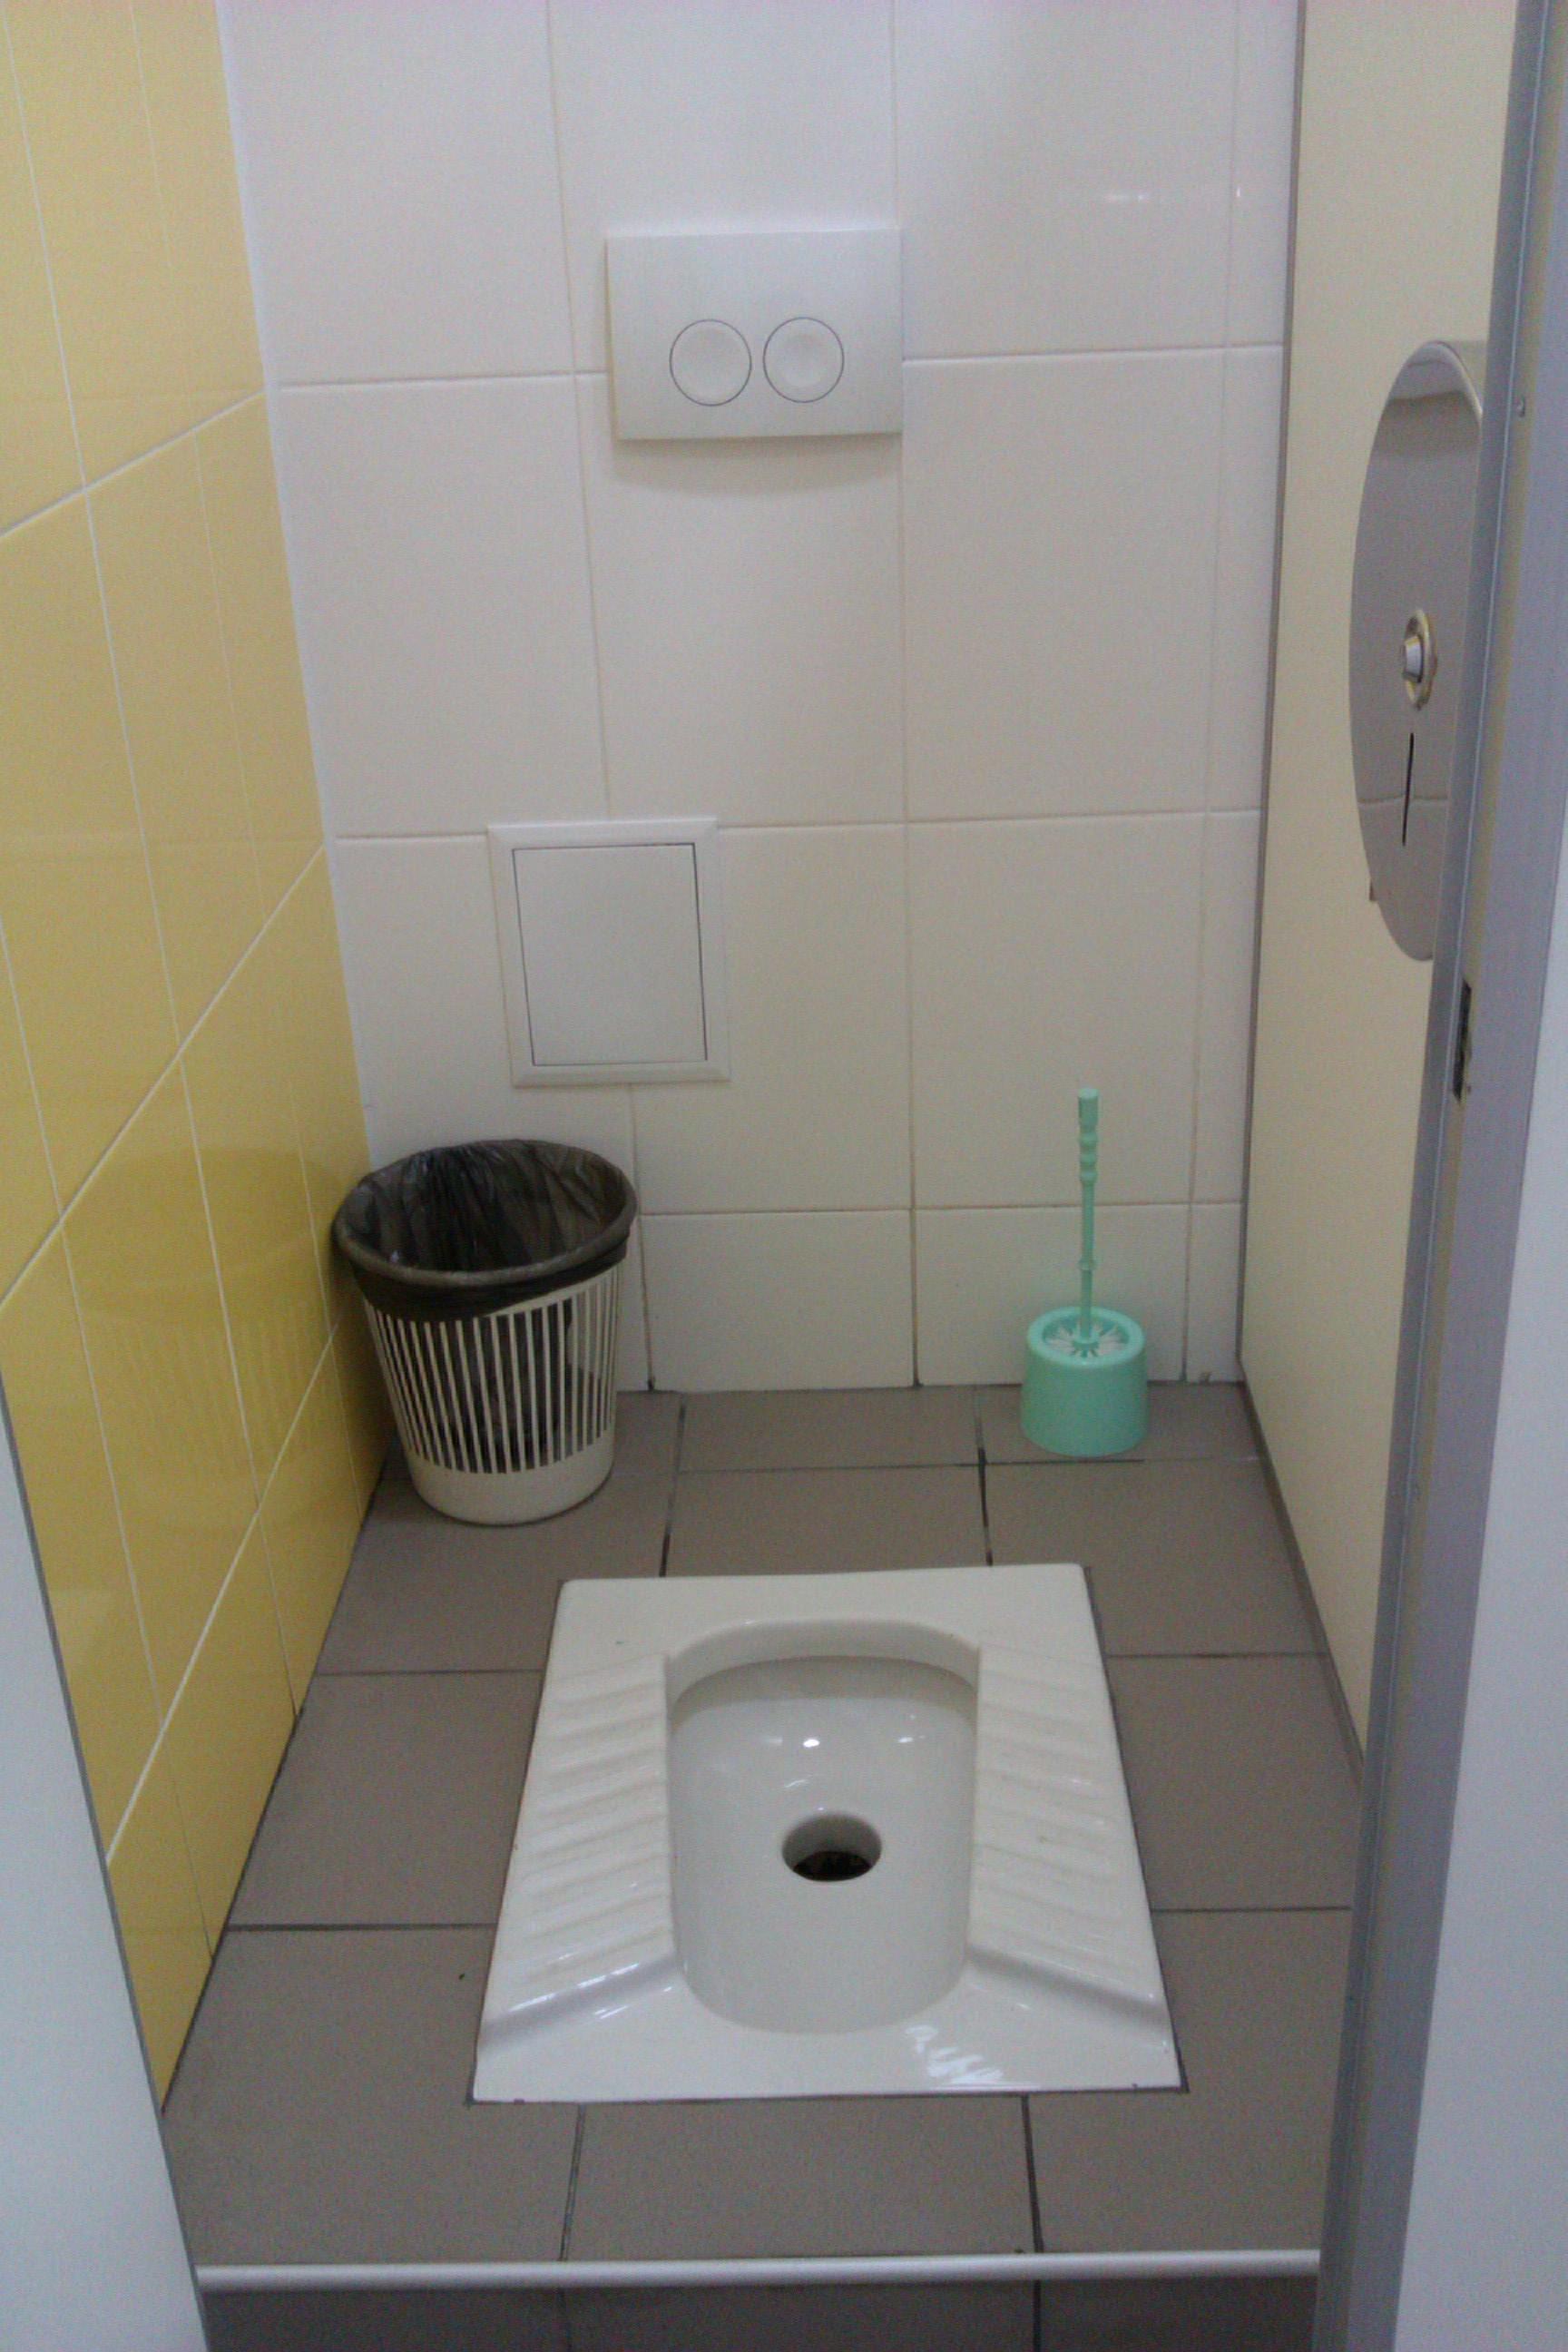 Сестра в туалете фото 9 фотография